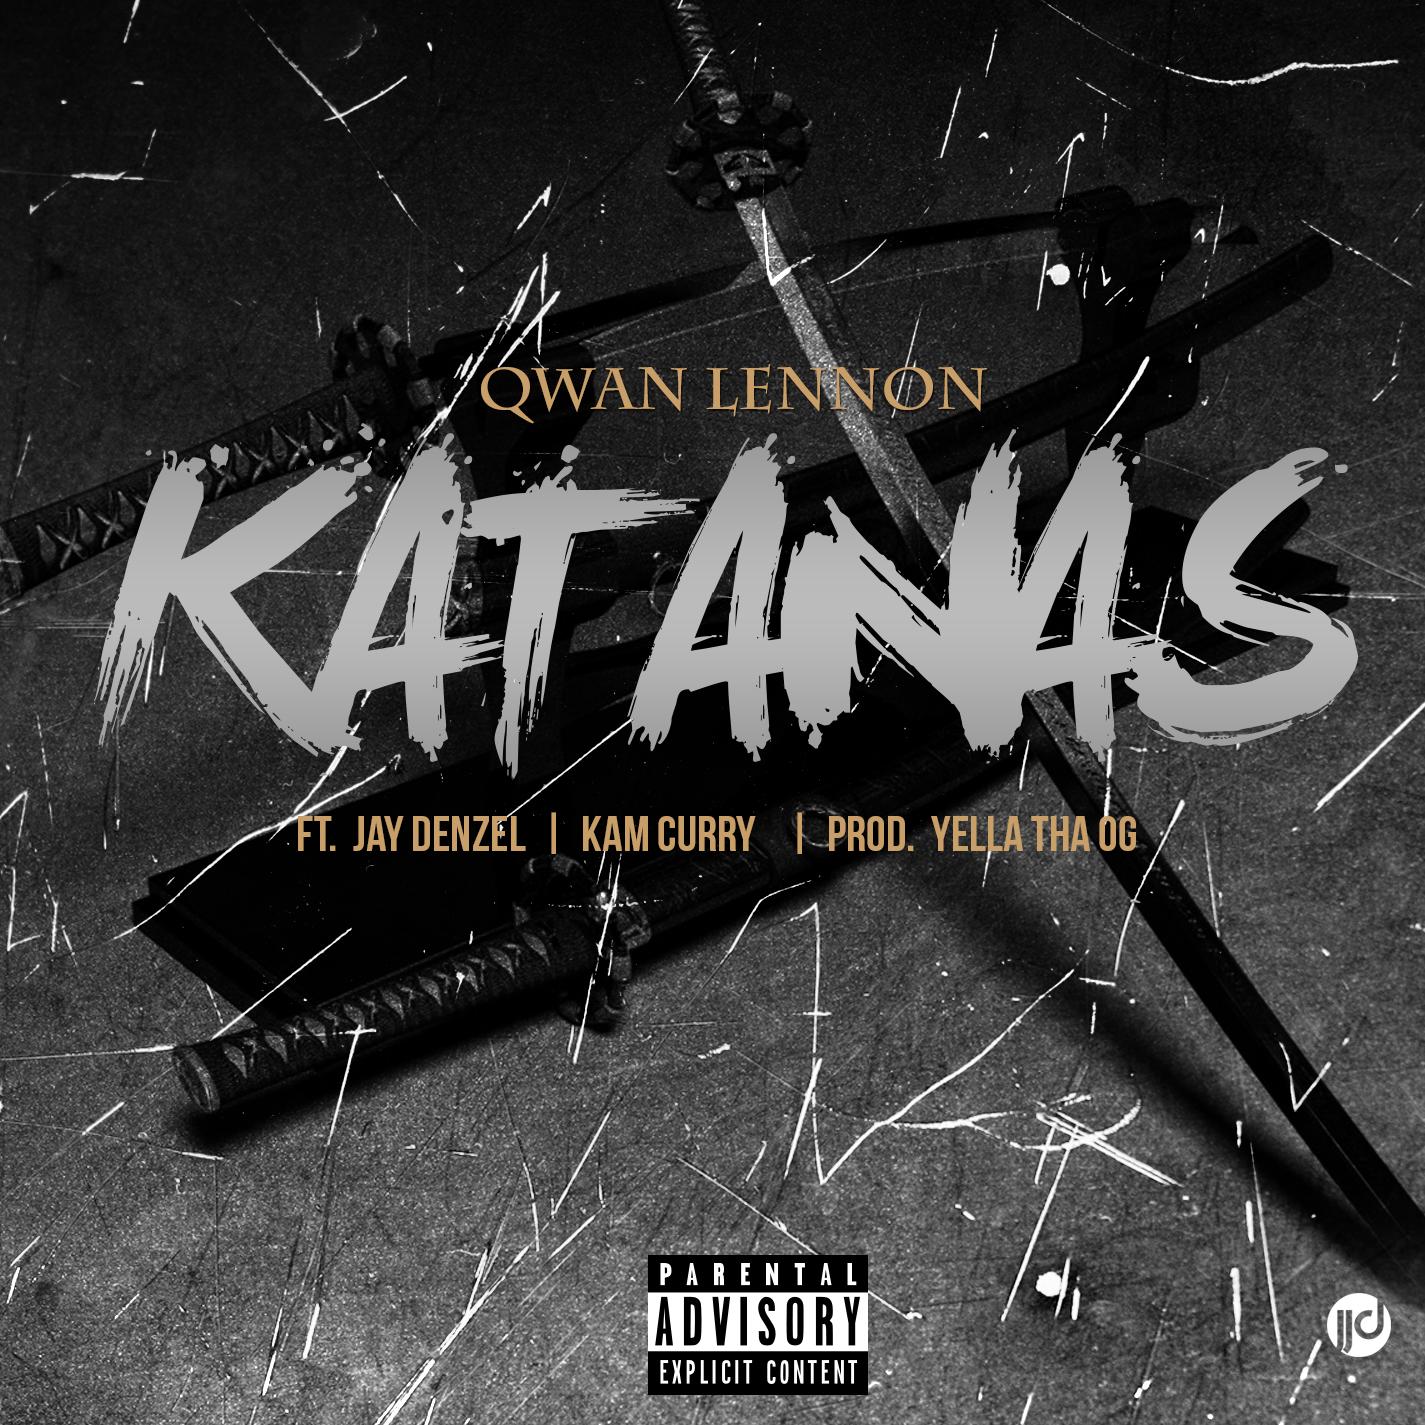 Qwan Lennon Feat. Jay Denzel & Kam Curry – Katanas